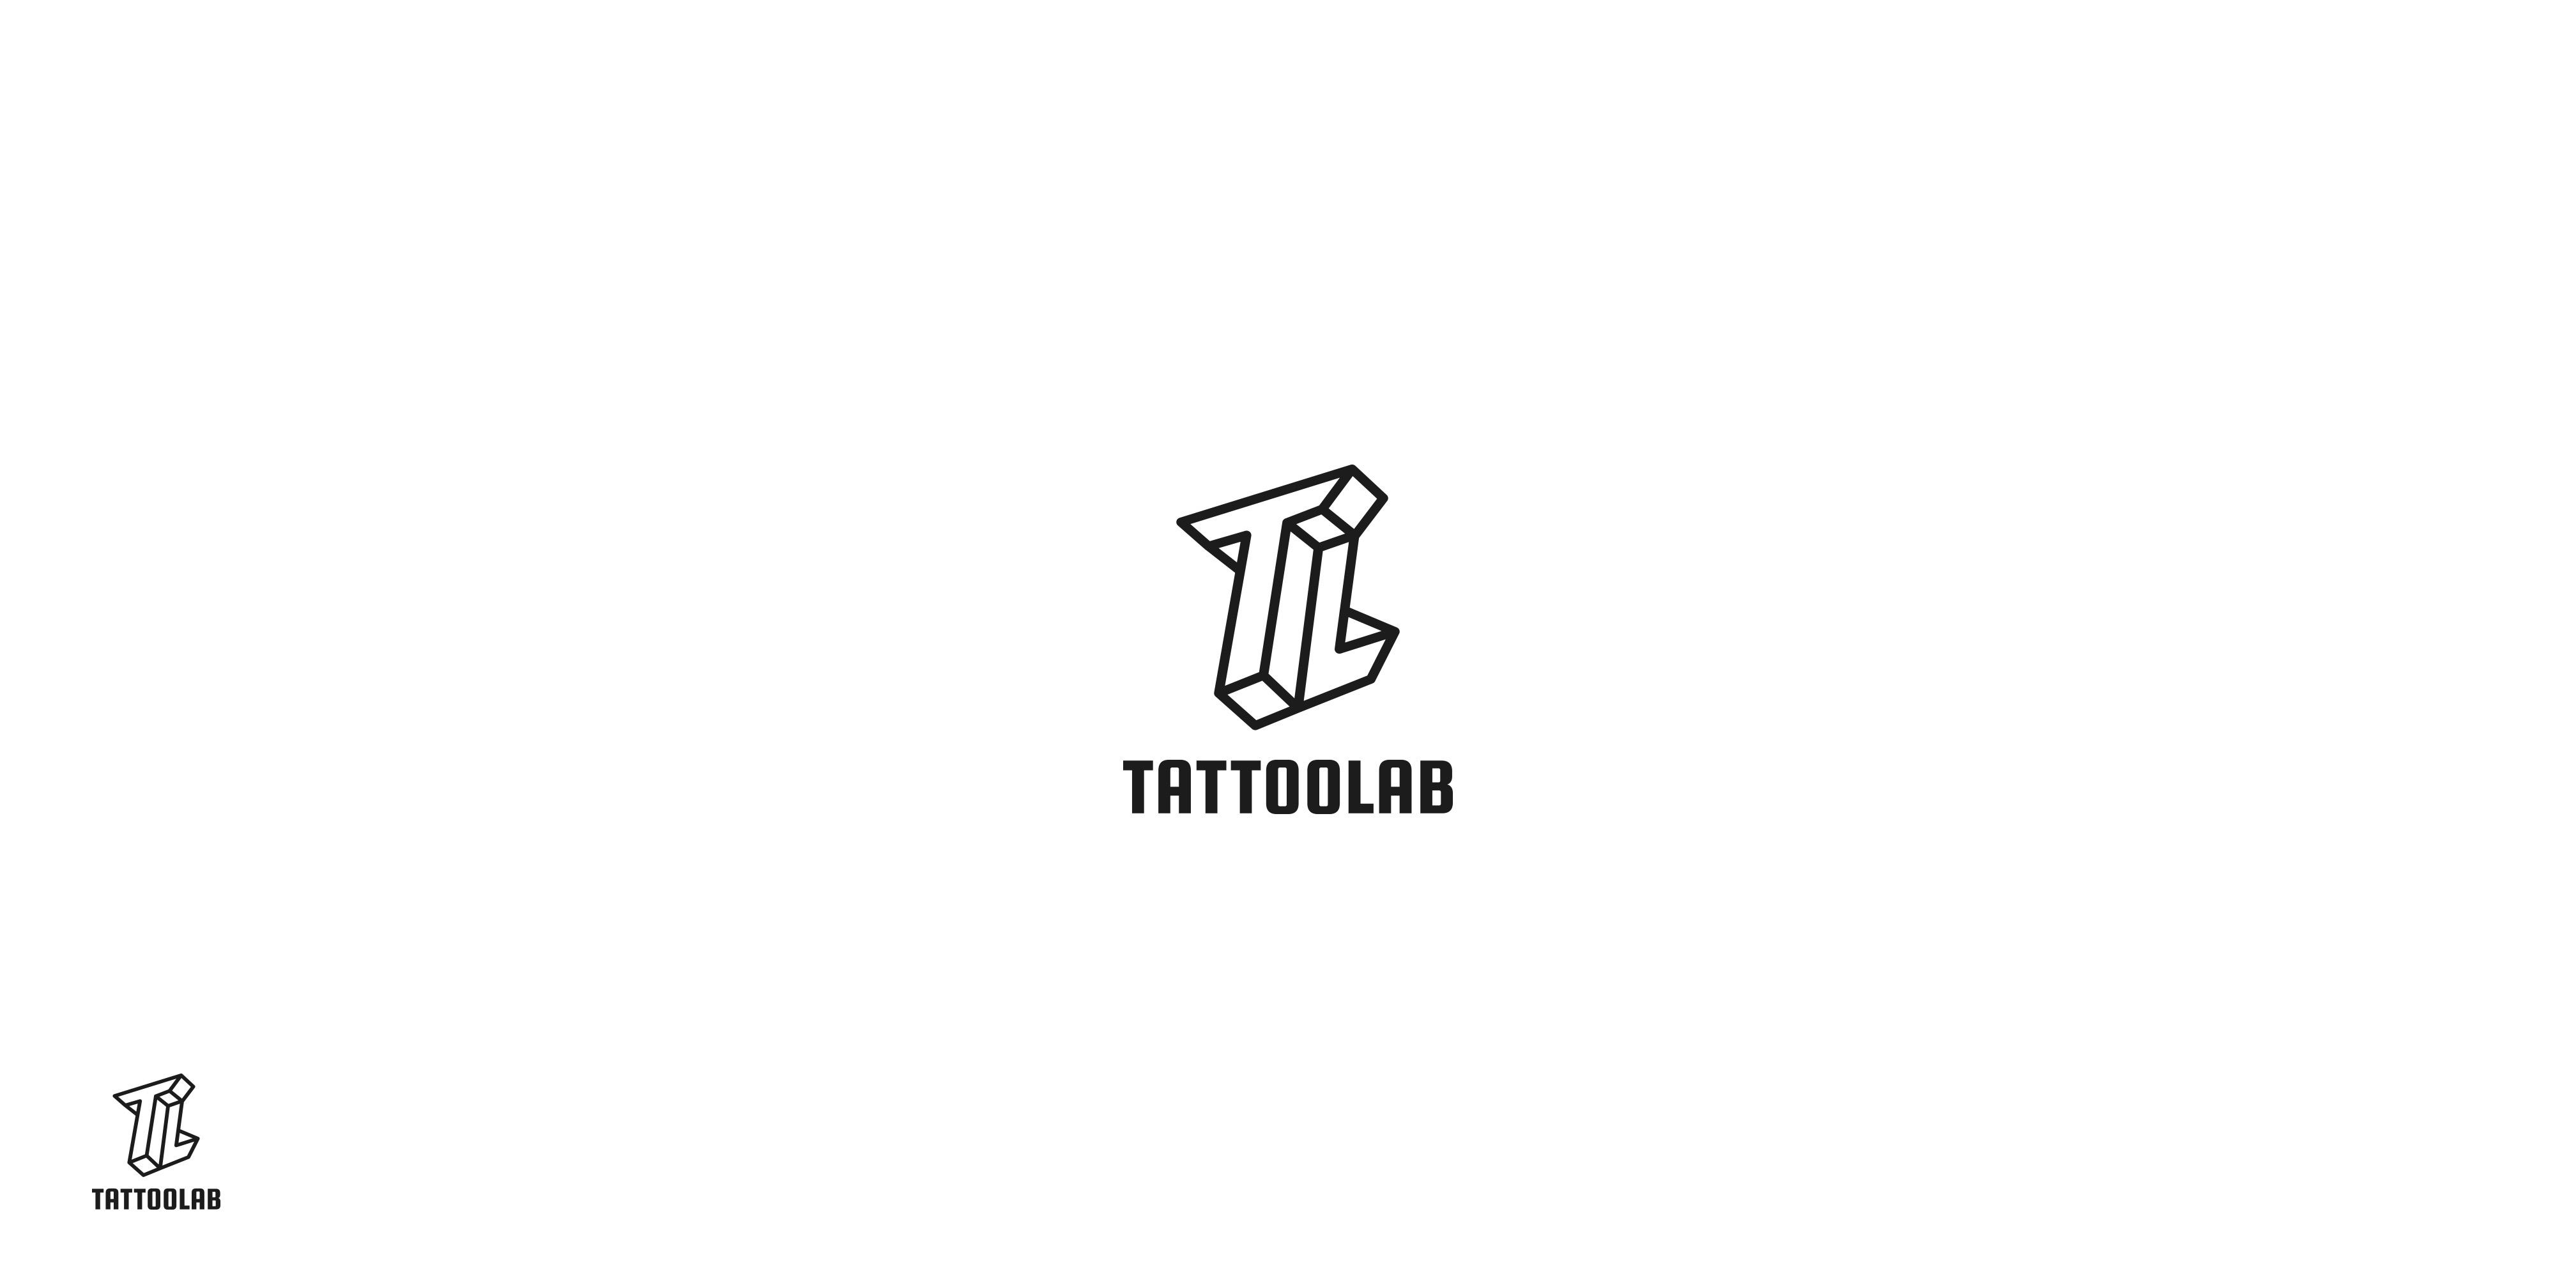 tattoolab